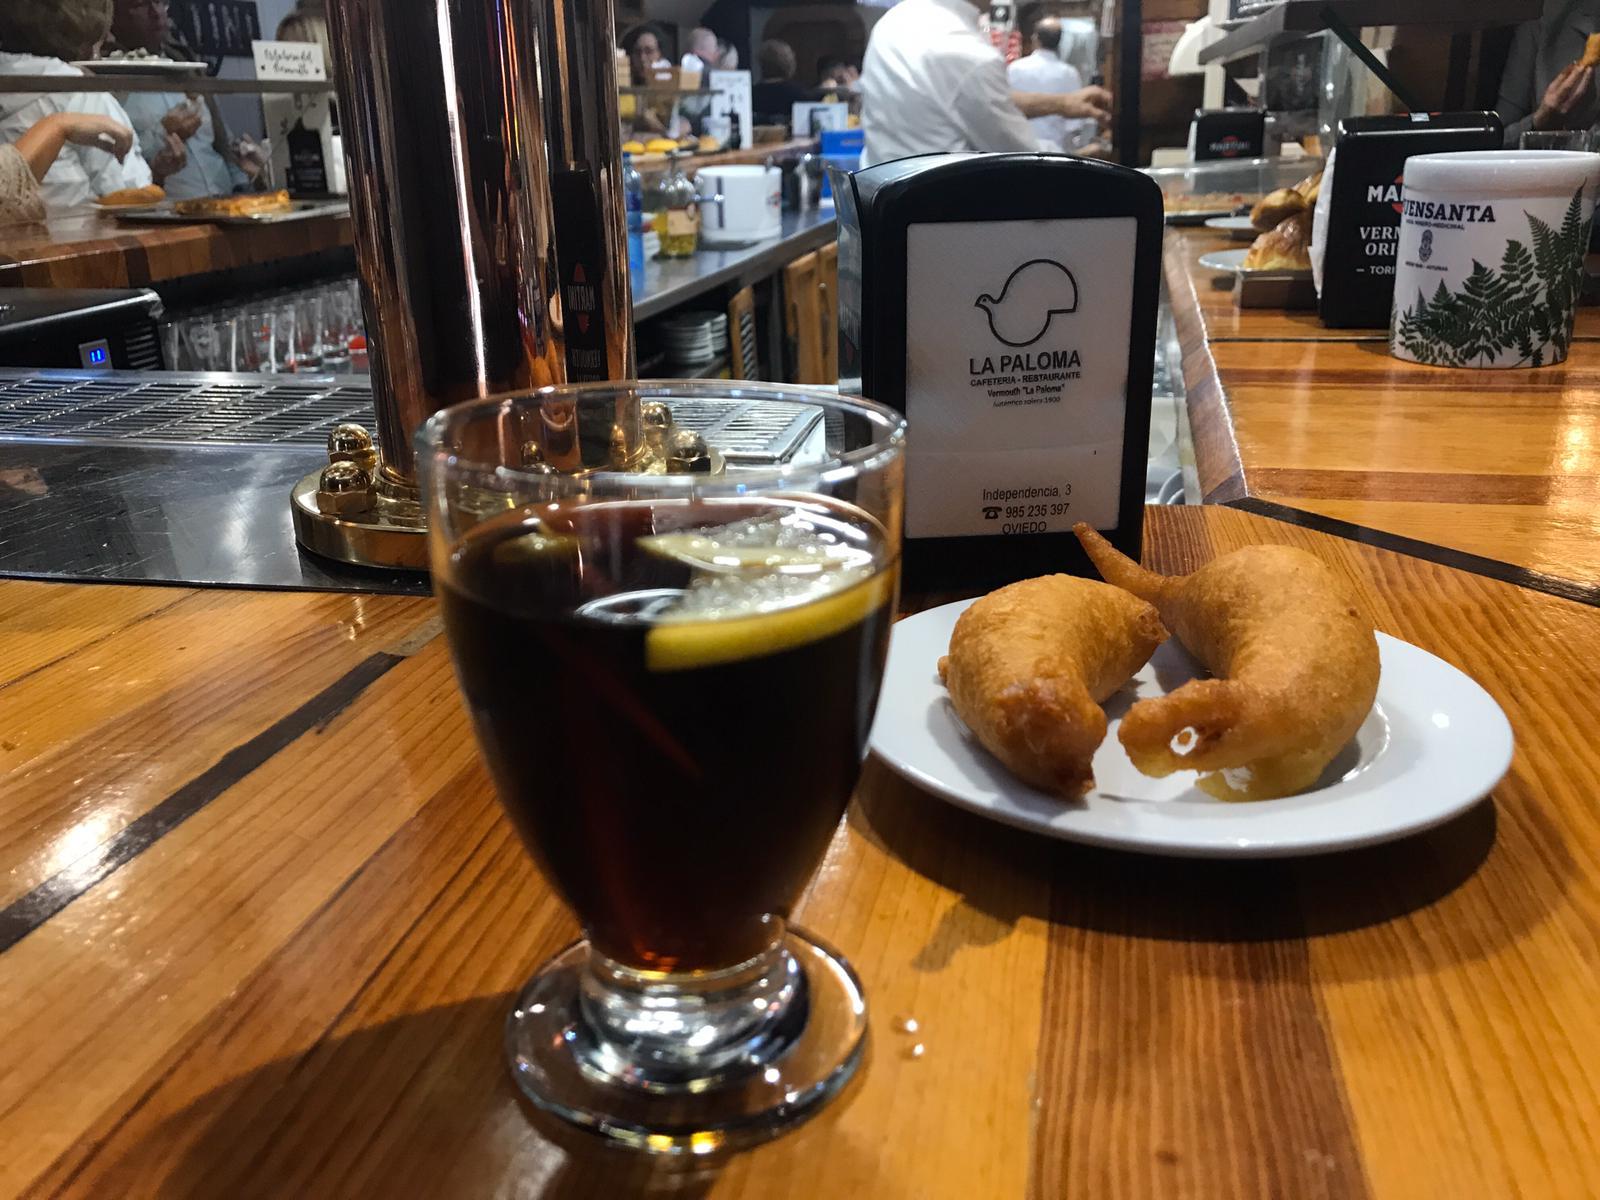 Dónde comer bien y barato en Oviedo. Los mejores bares y restaurantes